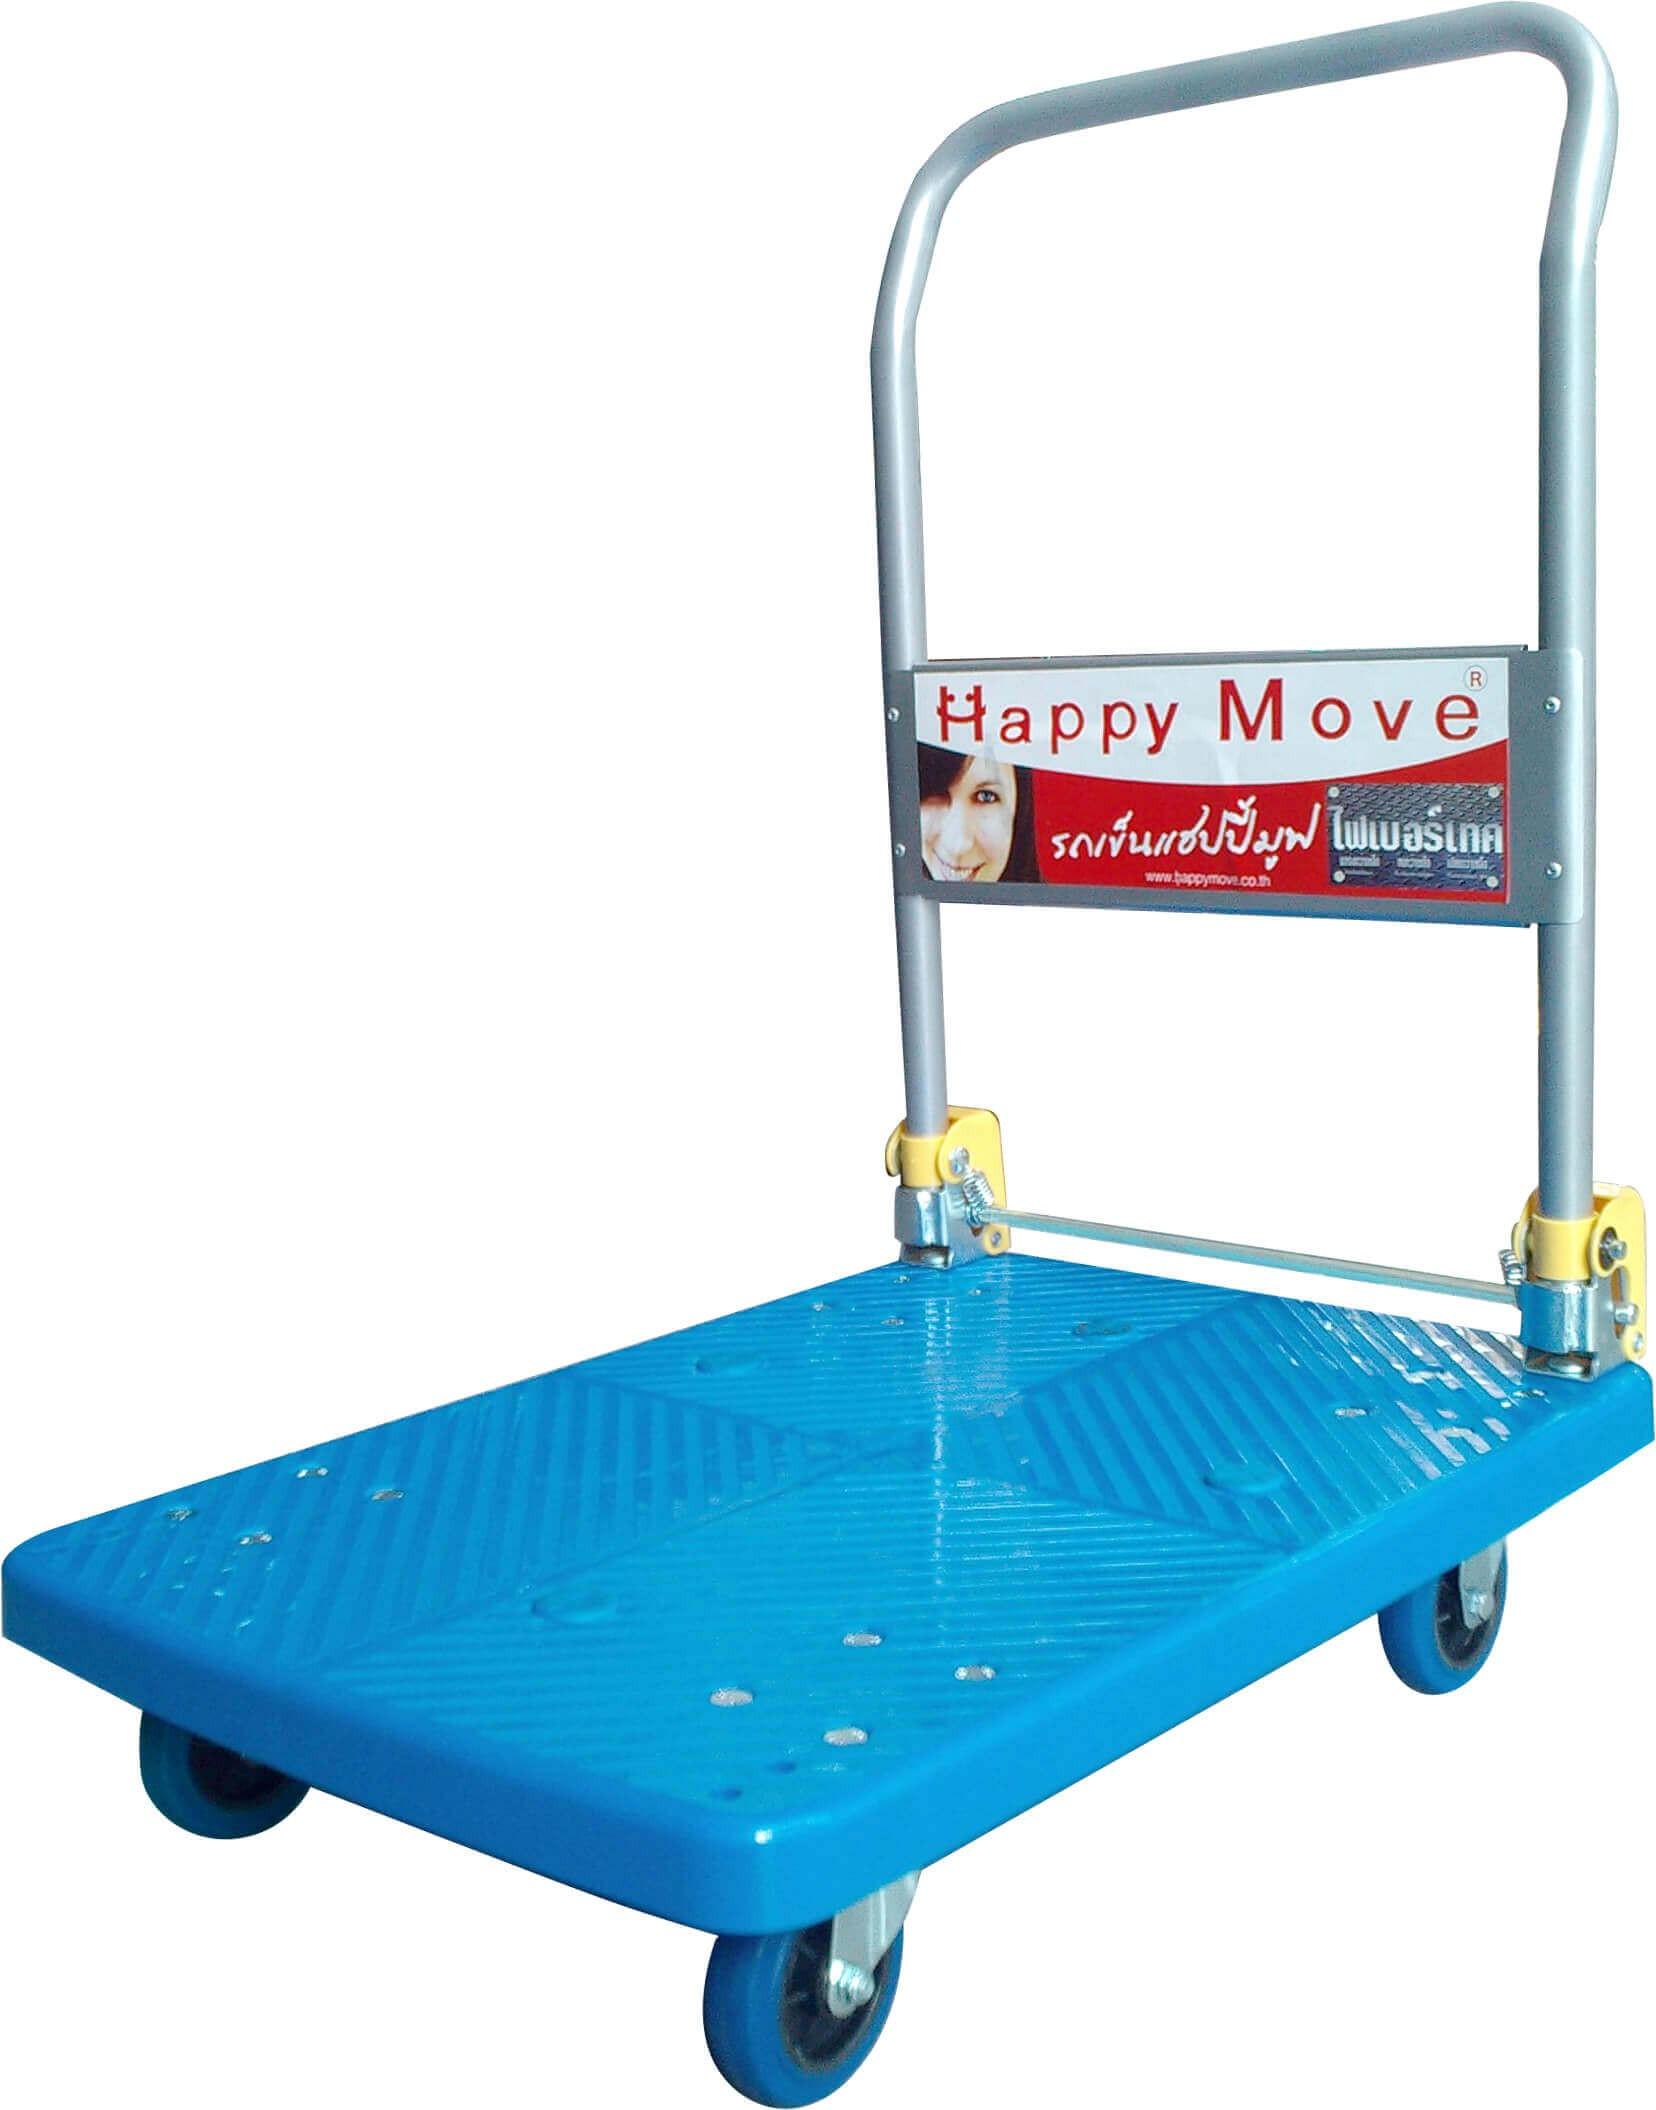 รถเข็นไฟเบอร์แฮนด์พับได้ 1ชั้น Happy Move HM111 (150kg.)